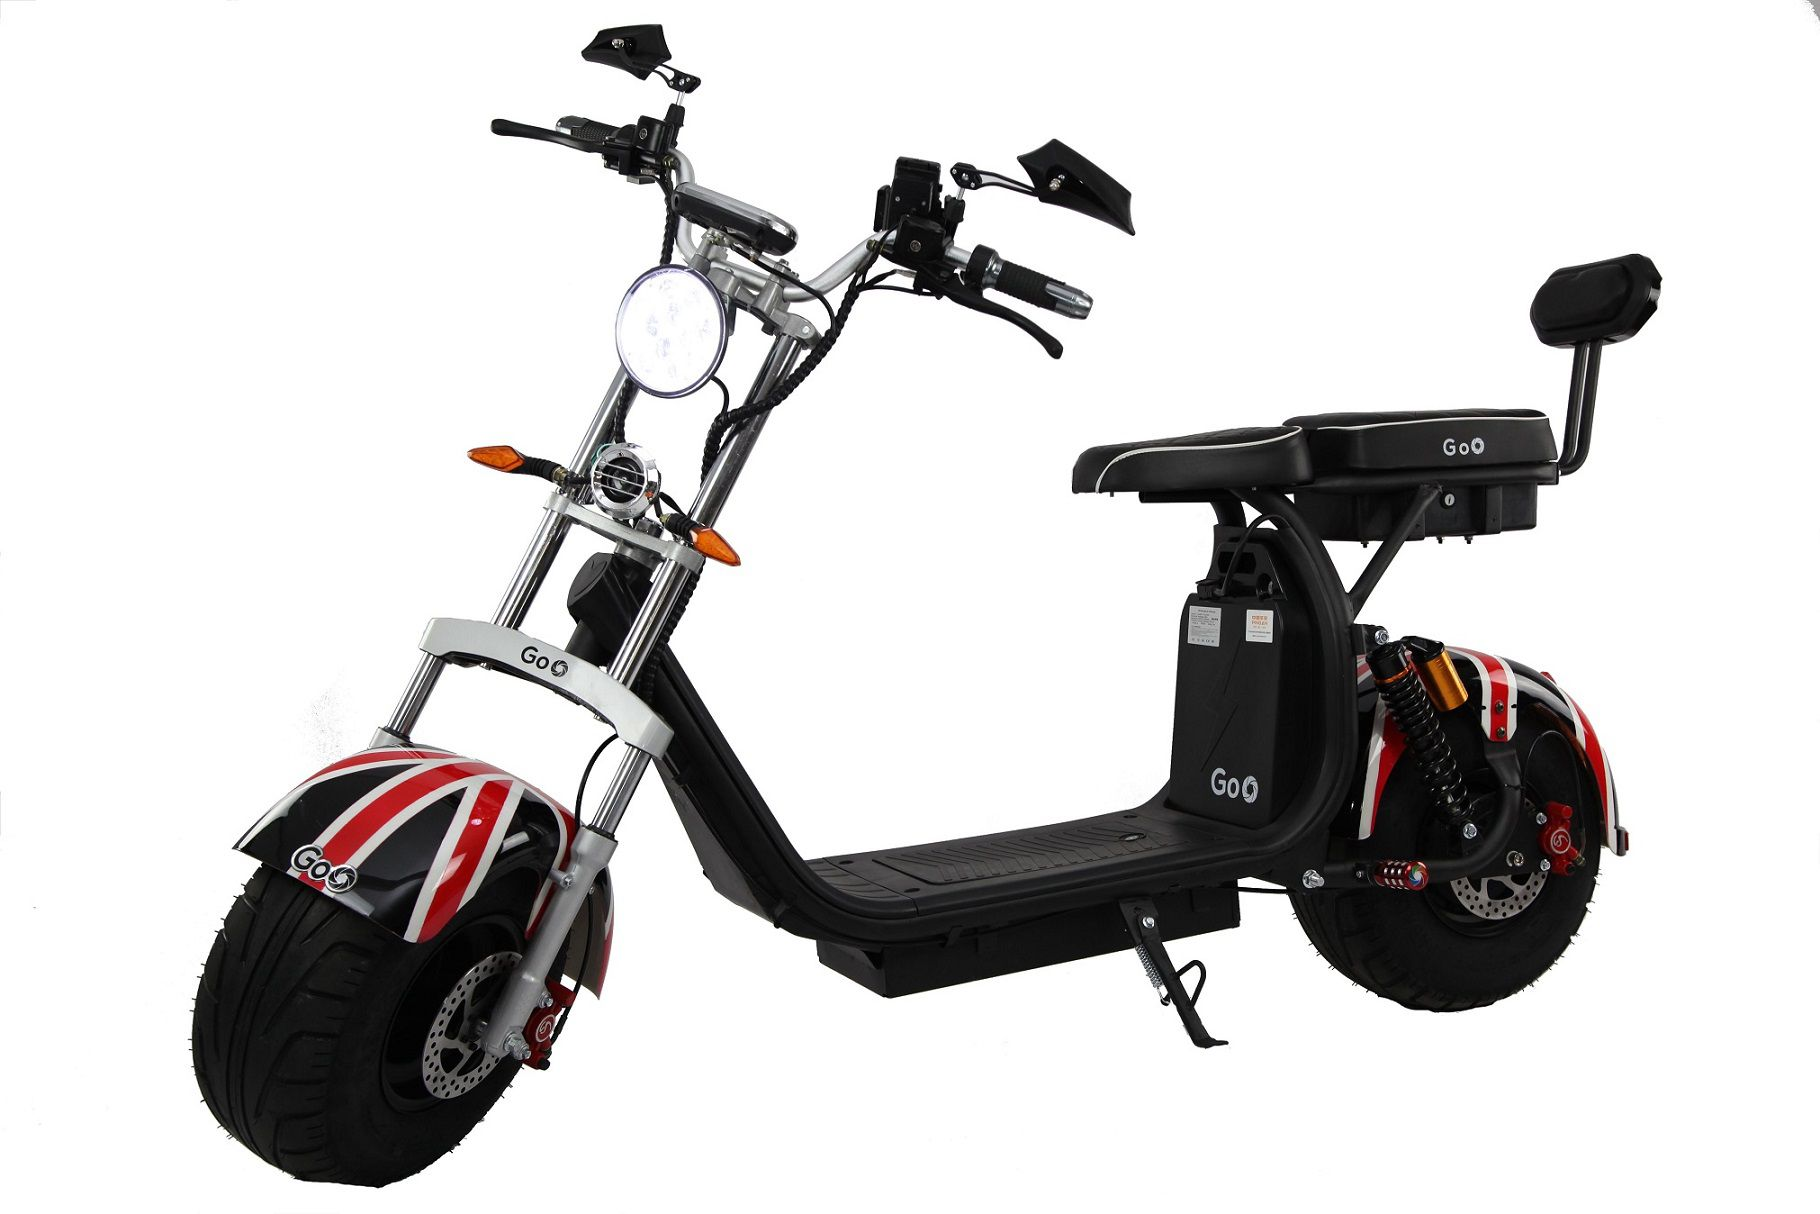 Scooter elétrica citycoco X10 2000W com bateria 30Ah